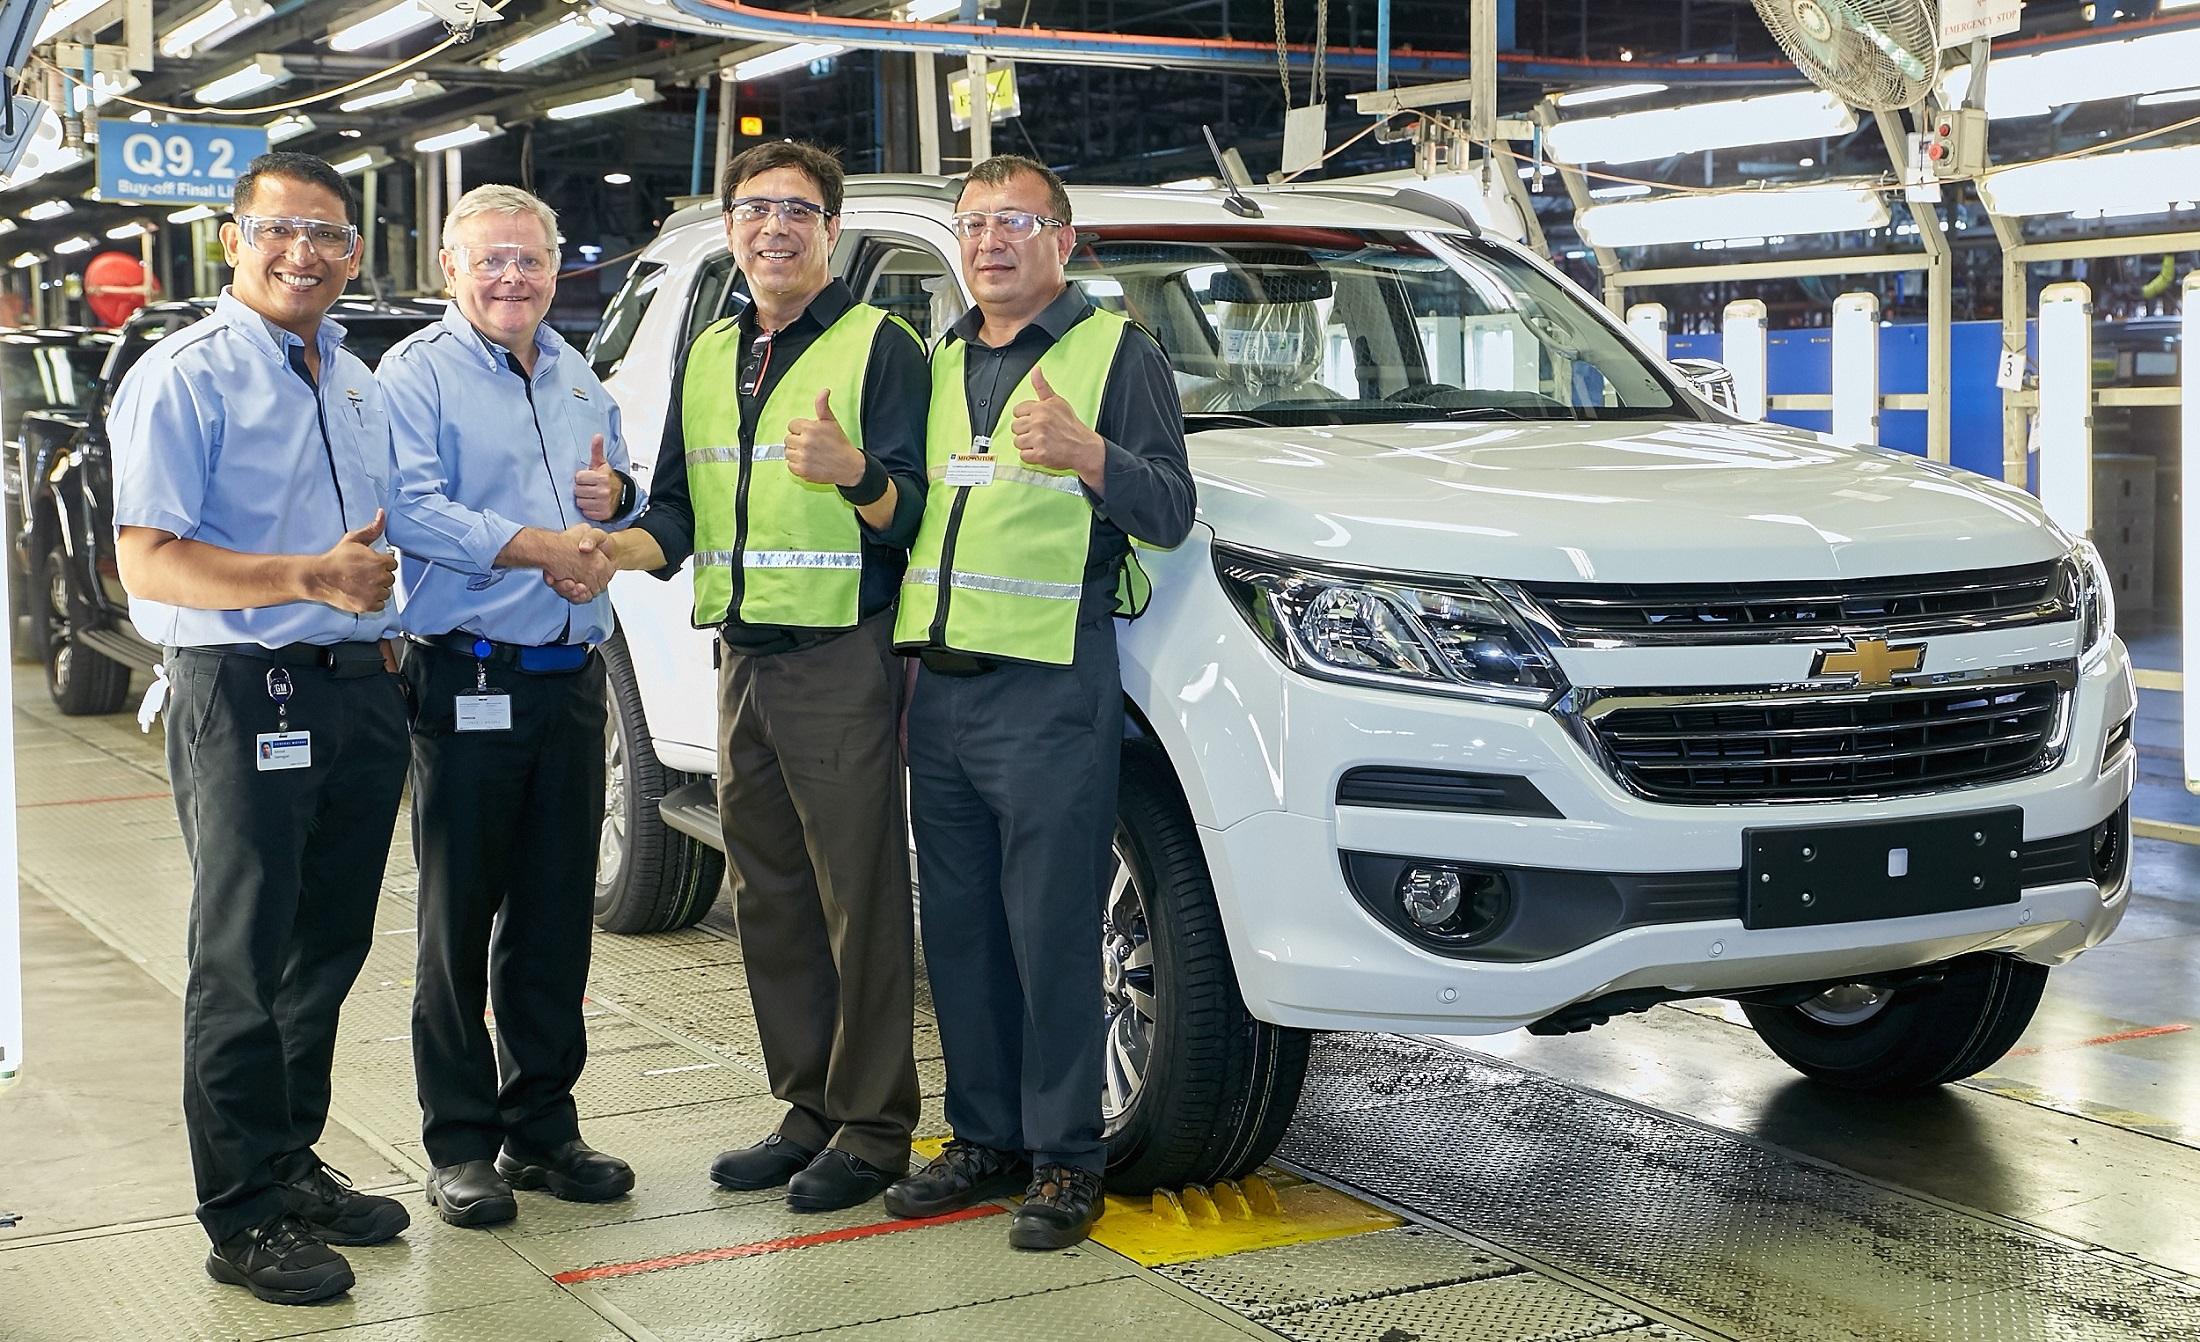 Chevrolet Trailblazer для рынка Узбекистана будет производиться в Таиланде: 25 октября GM Thailand отправил первую партию внедорожников Trailblazer в Узбекистан. Начало продаж ожидается в ближайшие месяцы.